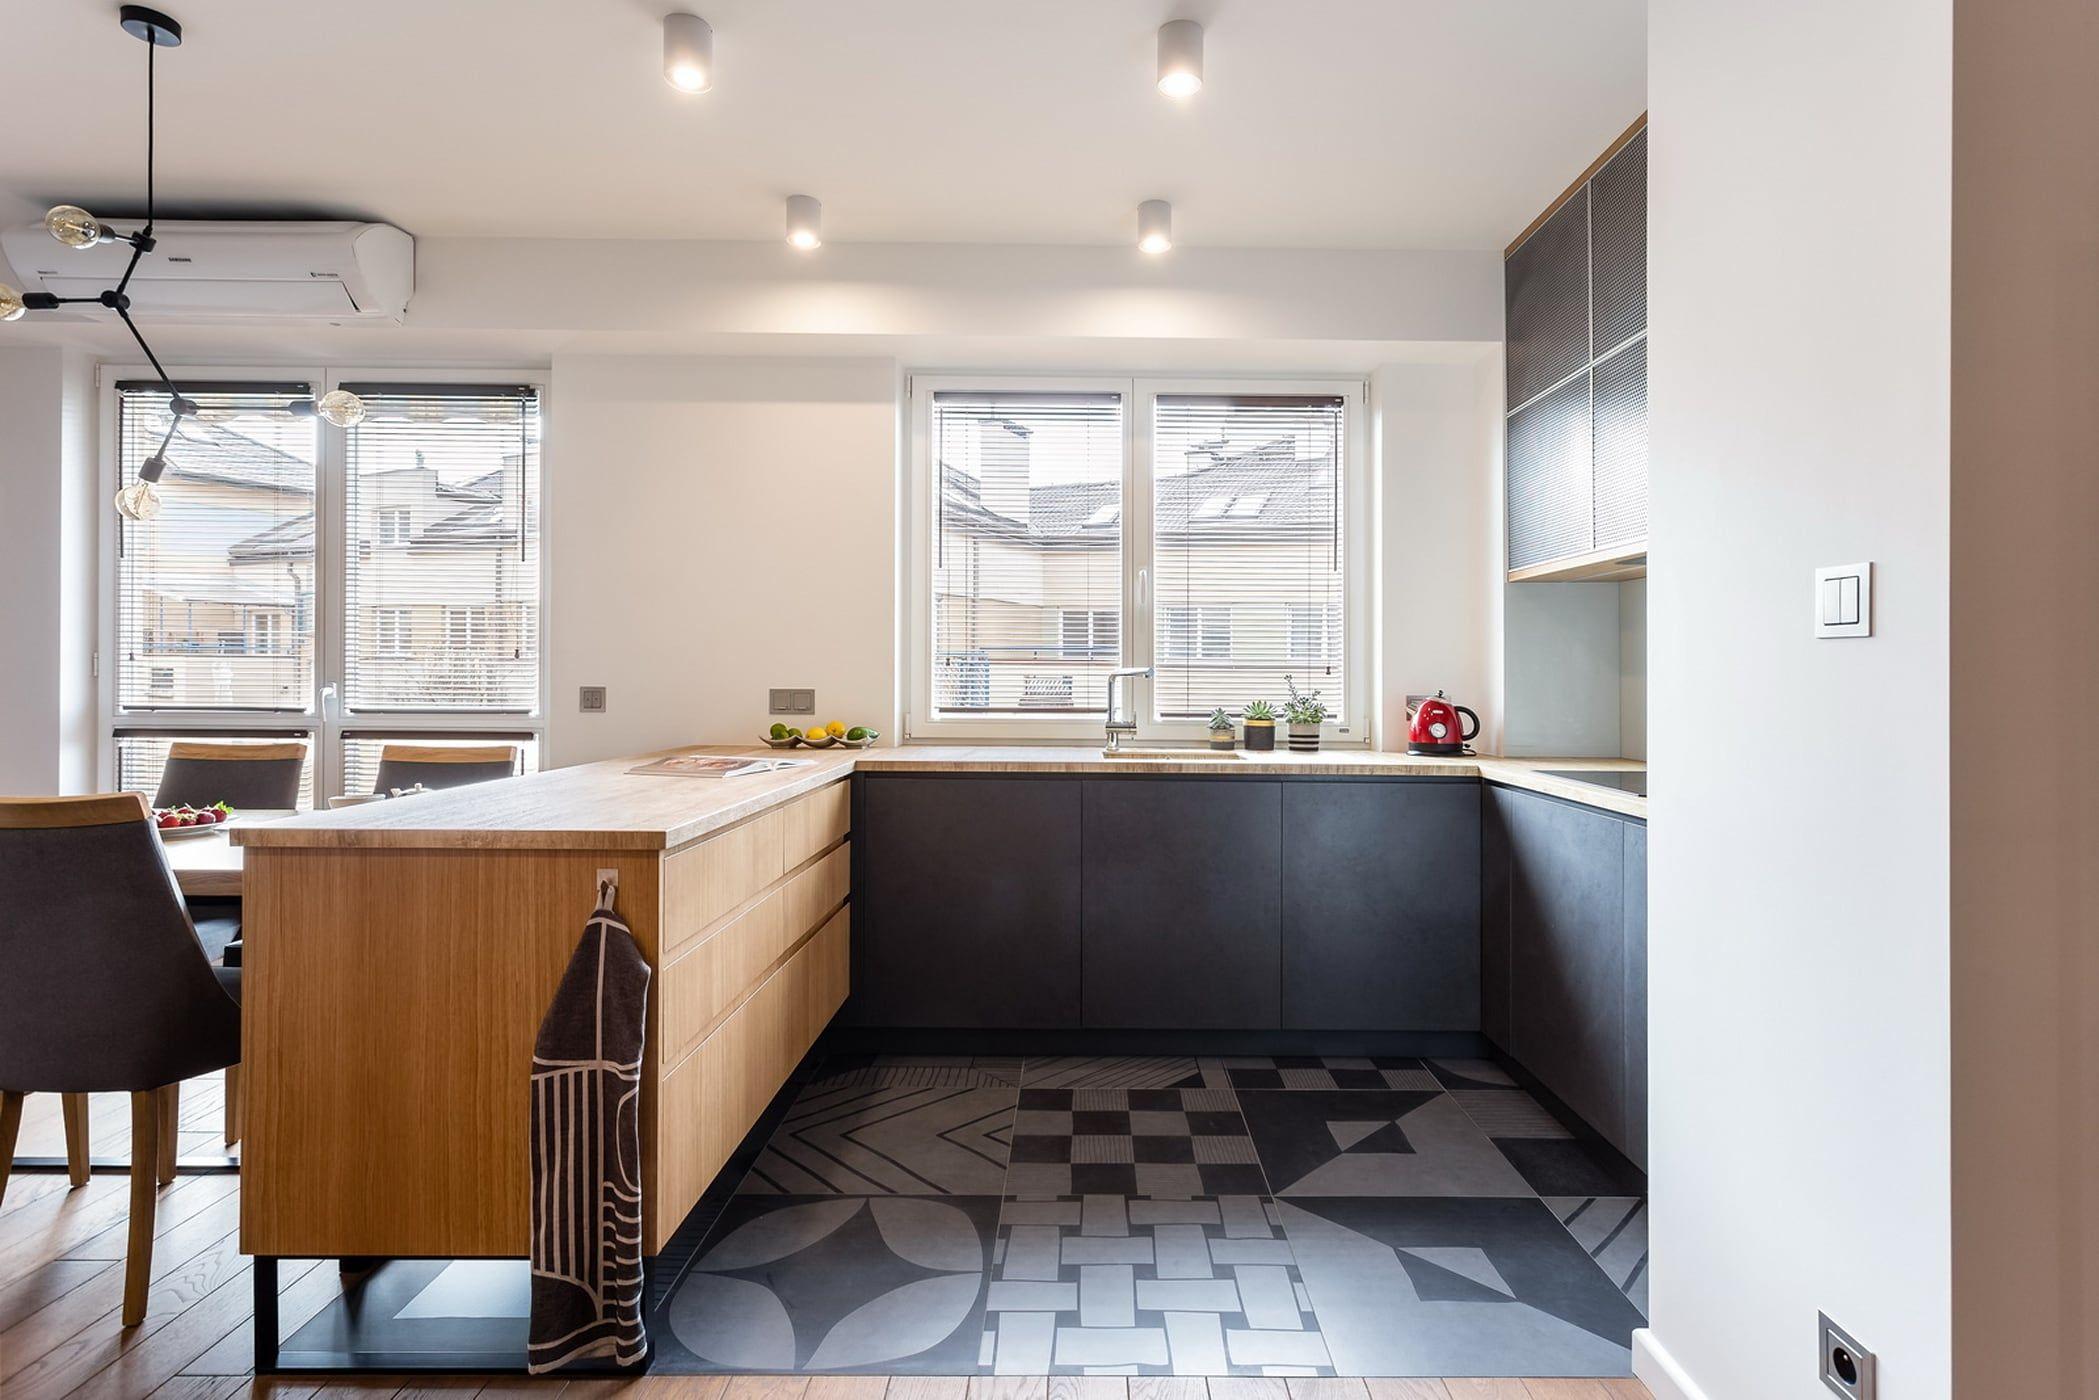 Apartament Soft Loft Zawicka Id Projektowanie Wnetrz Nowoczesna Kuchnia Szary Homify Kitchen Home Home Decor